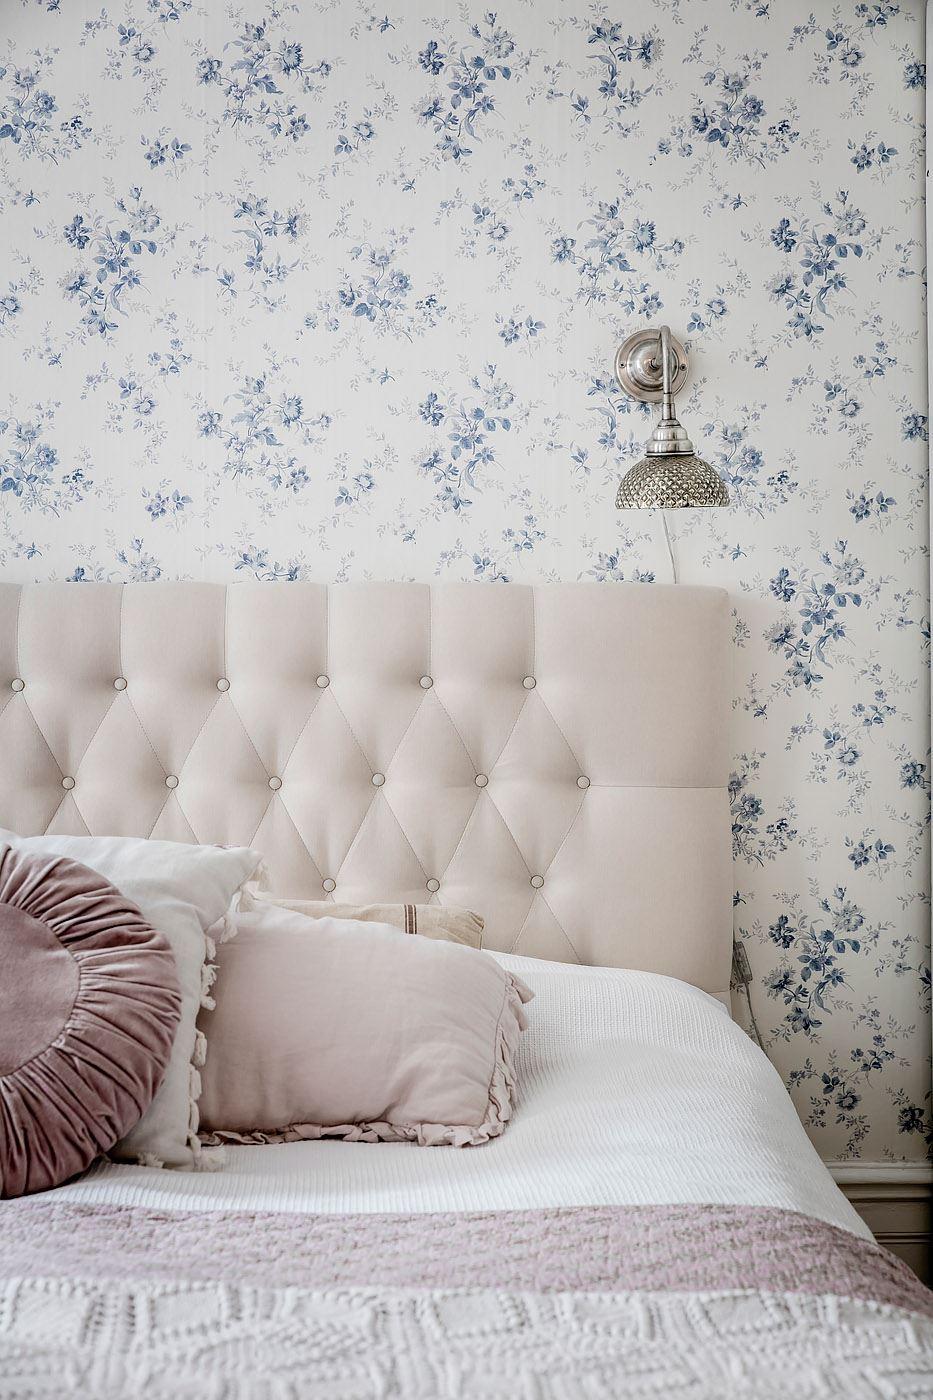 спальня кровать изголовье подушки обои